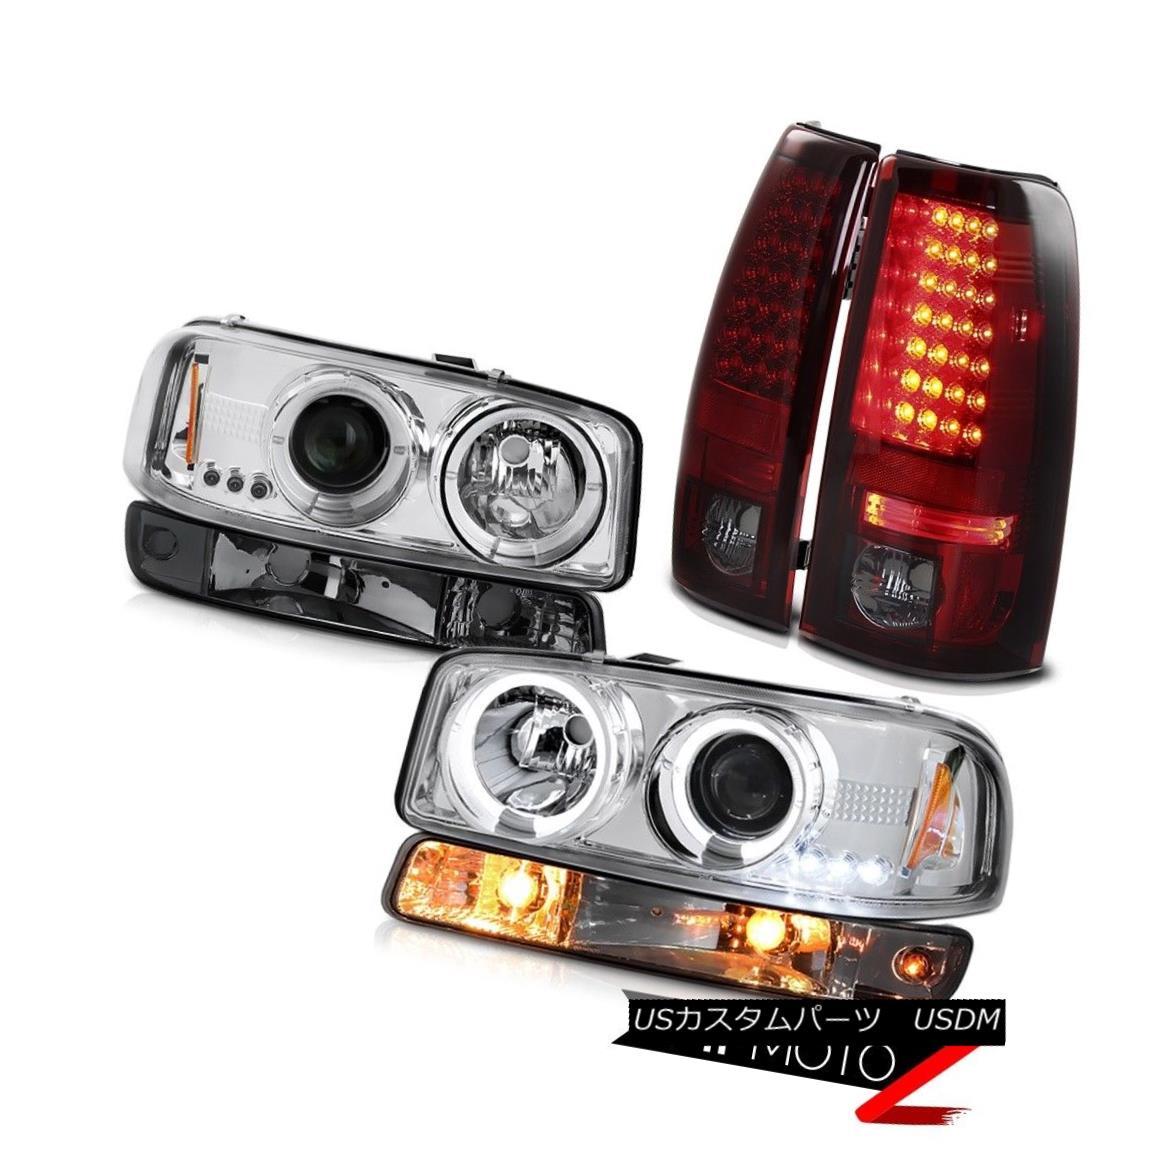 ヘッドライト 99-06 Sierra SL Red smoke taillights smokey parking light euro clear headlamps 99-06シエラSLレッドテールライトスモーパーキングライトユーロクリアヘッドランプ